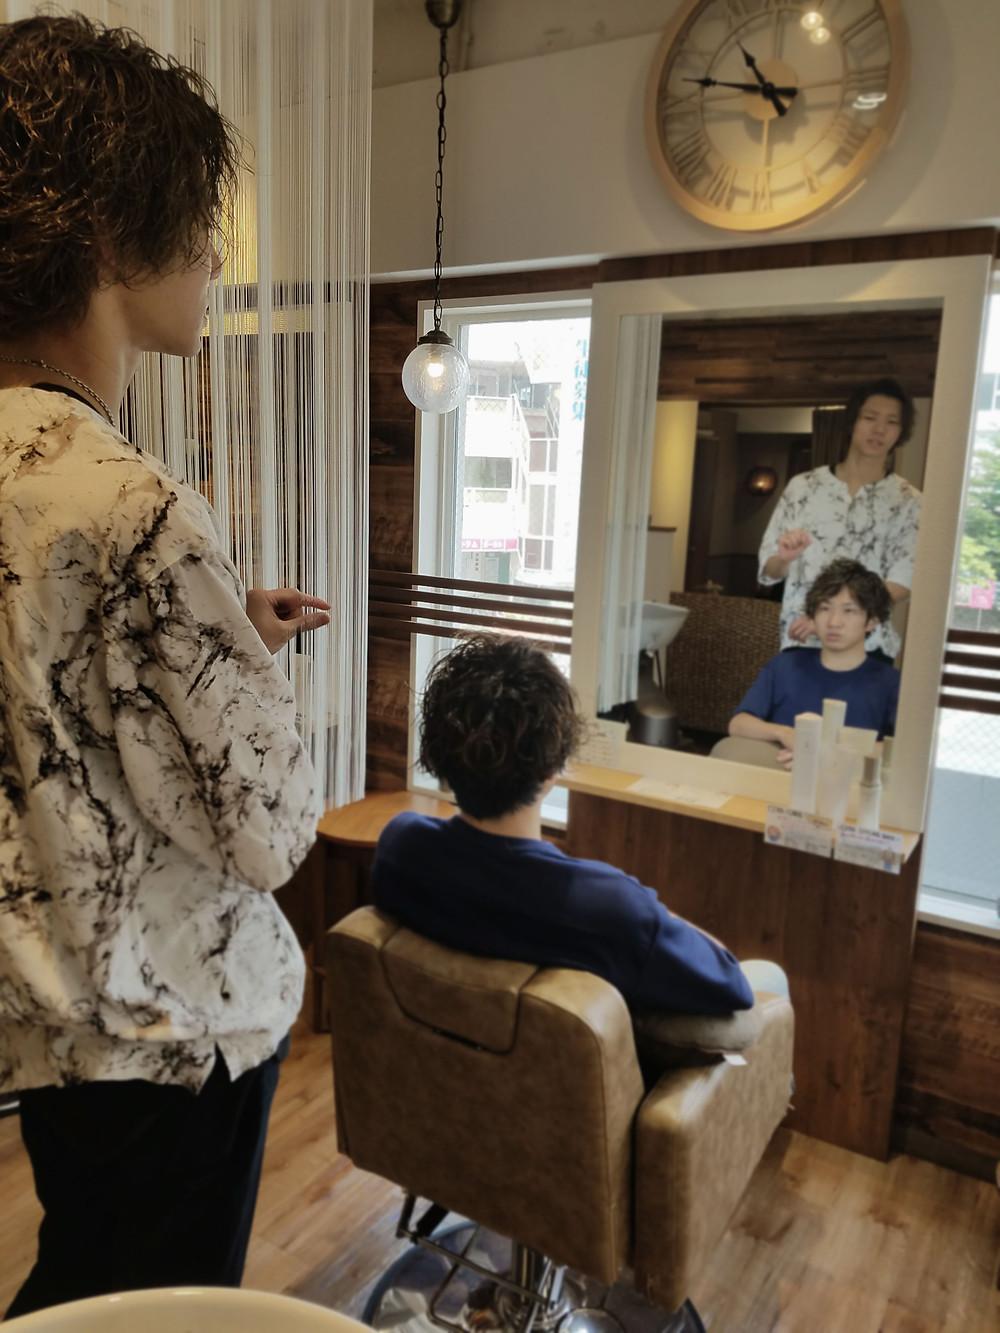 平塚の美容室・理容室・美容師・理容師・求人募集・新卒・専門学生